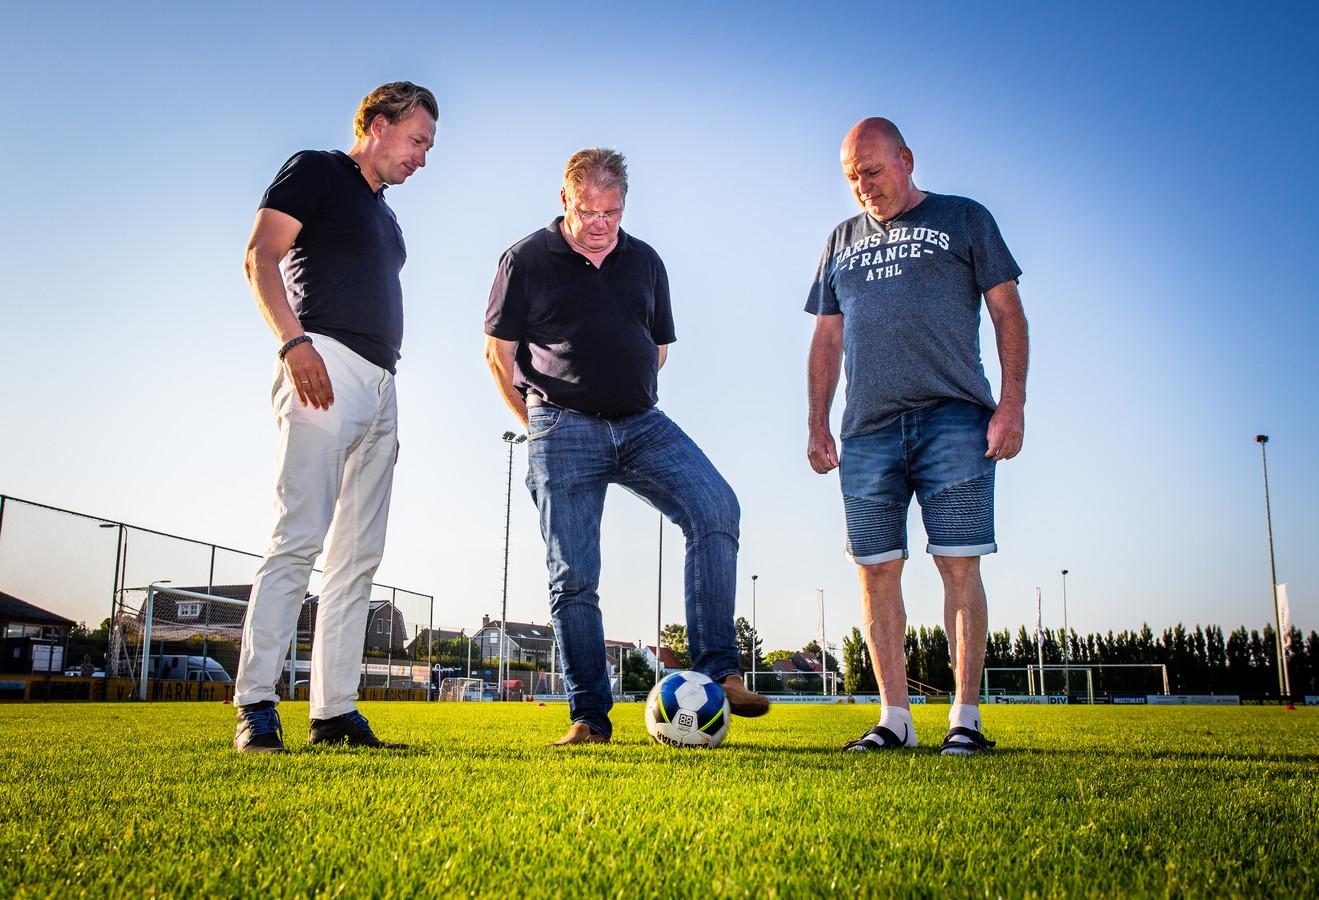 Walking football, straks toch ook in de Hoeksche Waard?